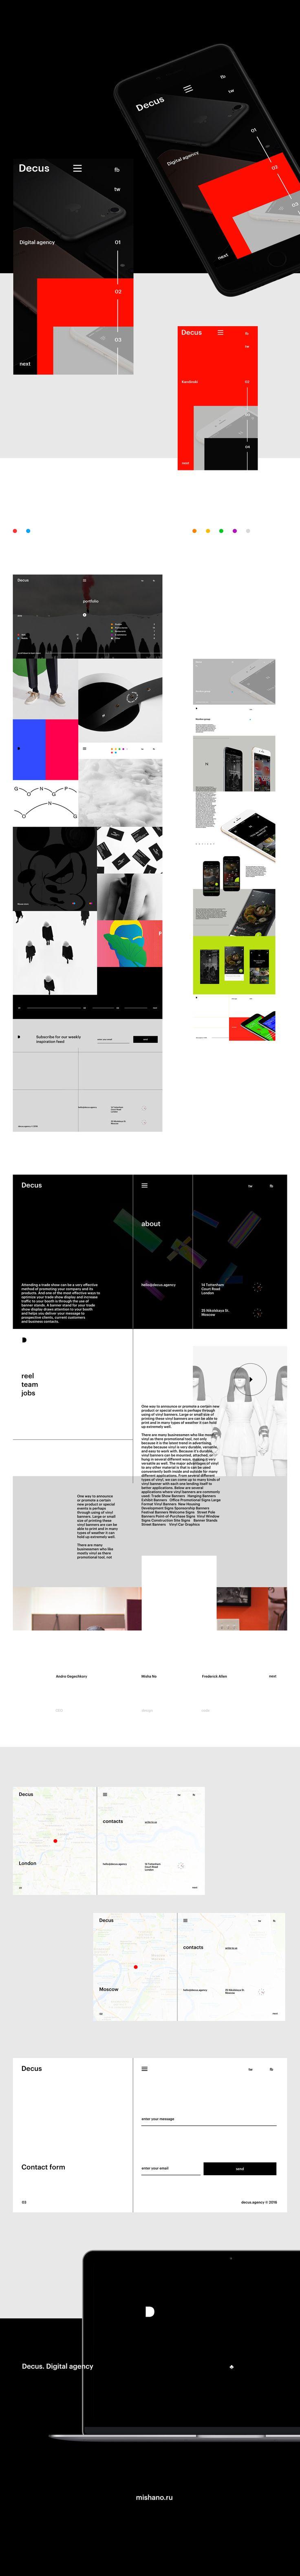 Decus. Digital agency - part 2, Сайт © МихаилНовожилов